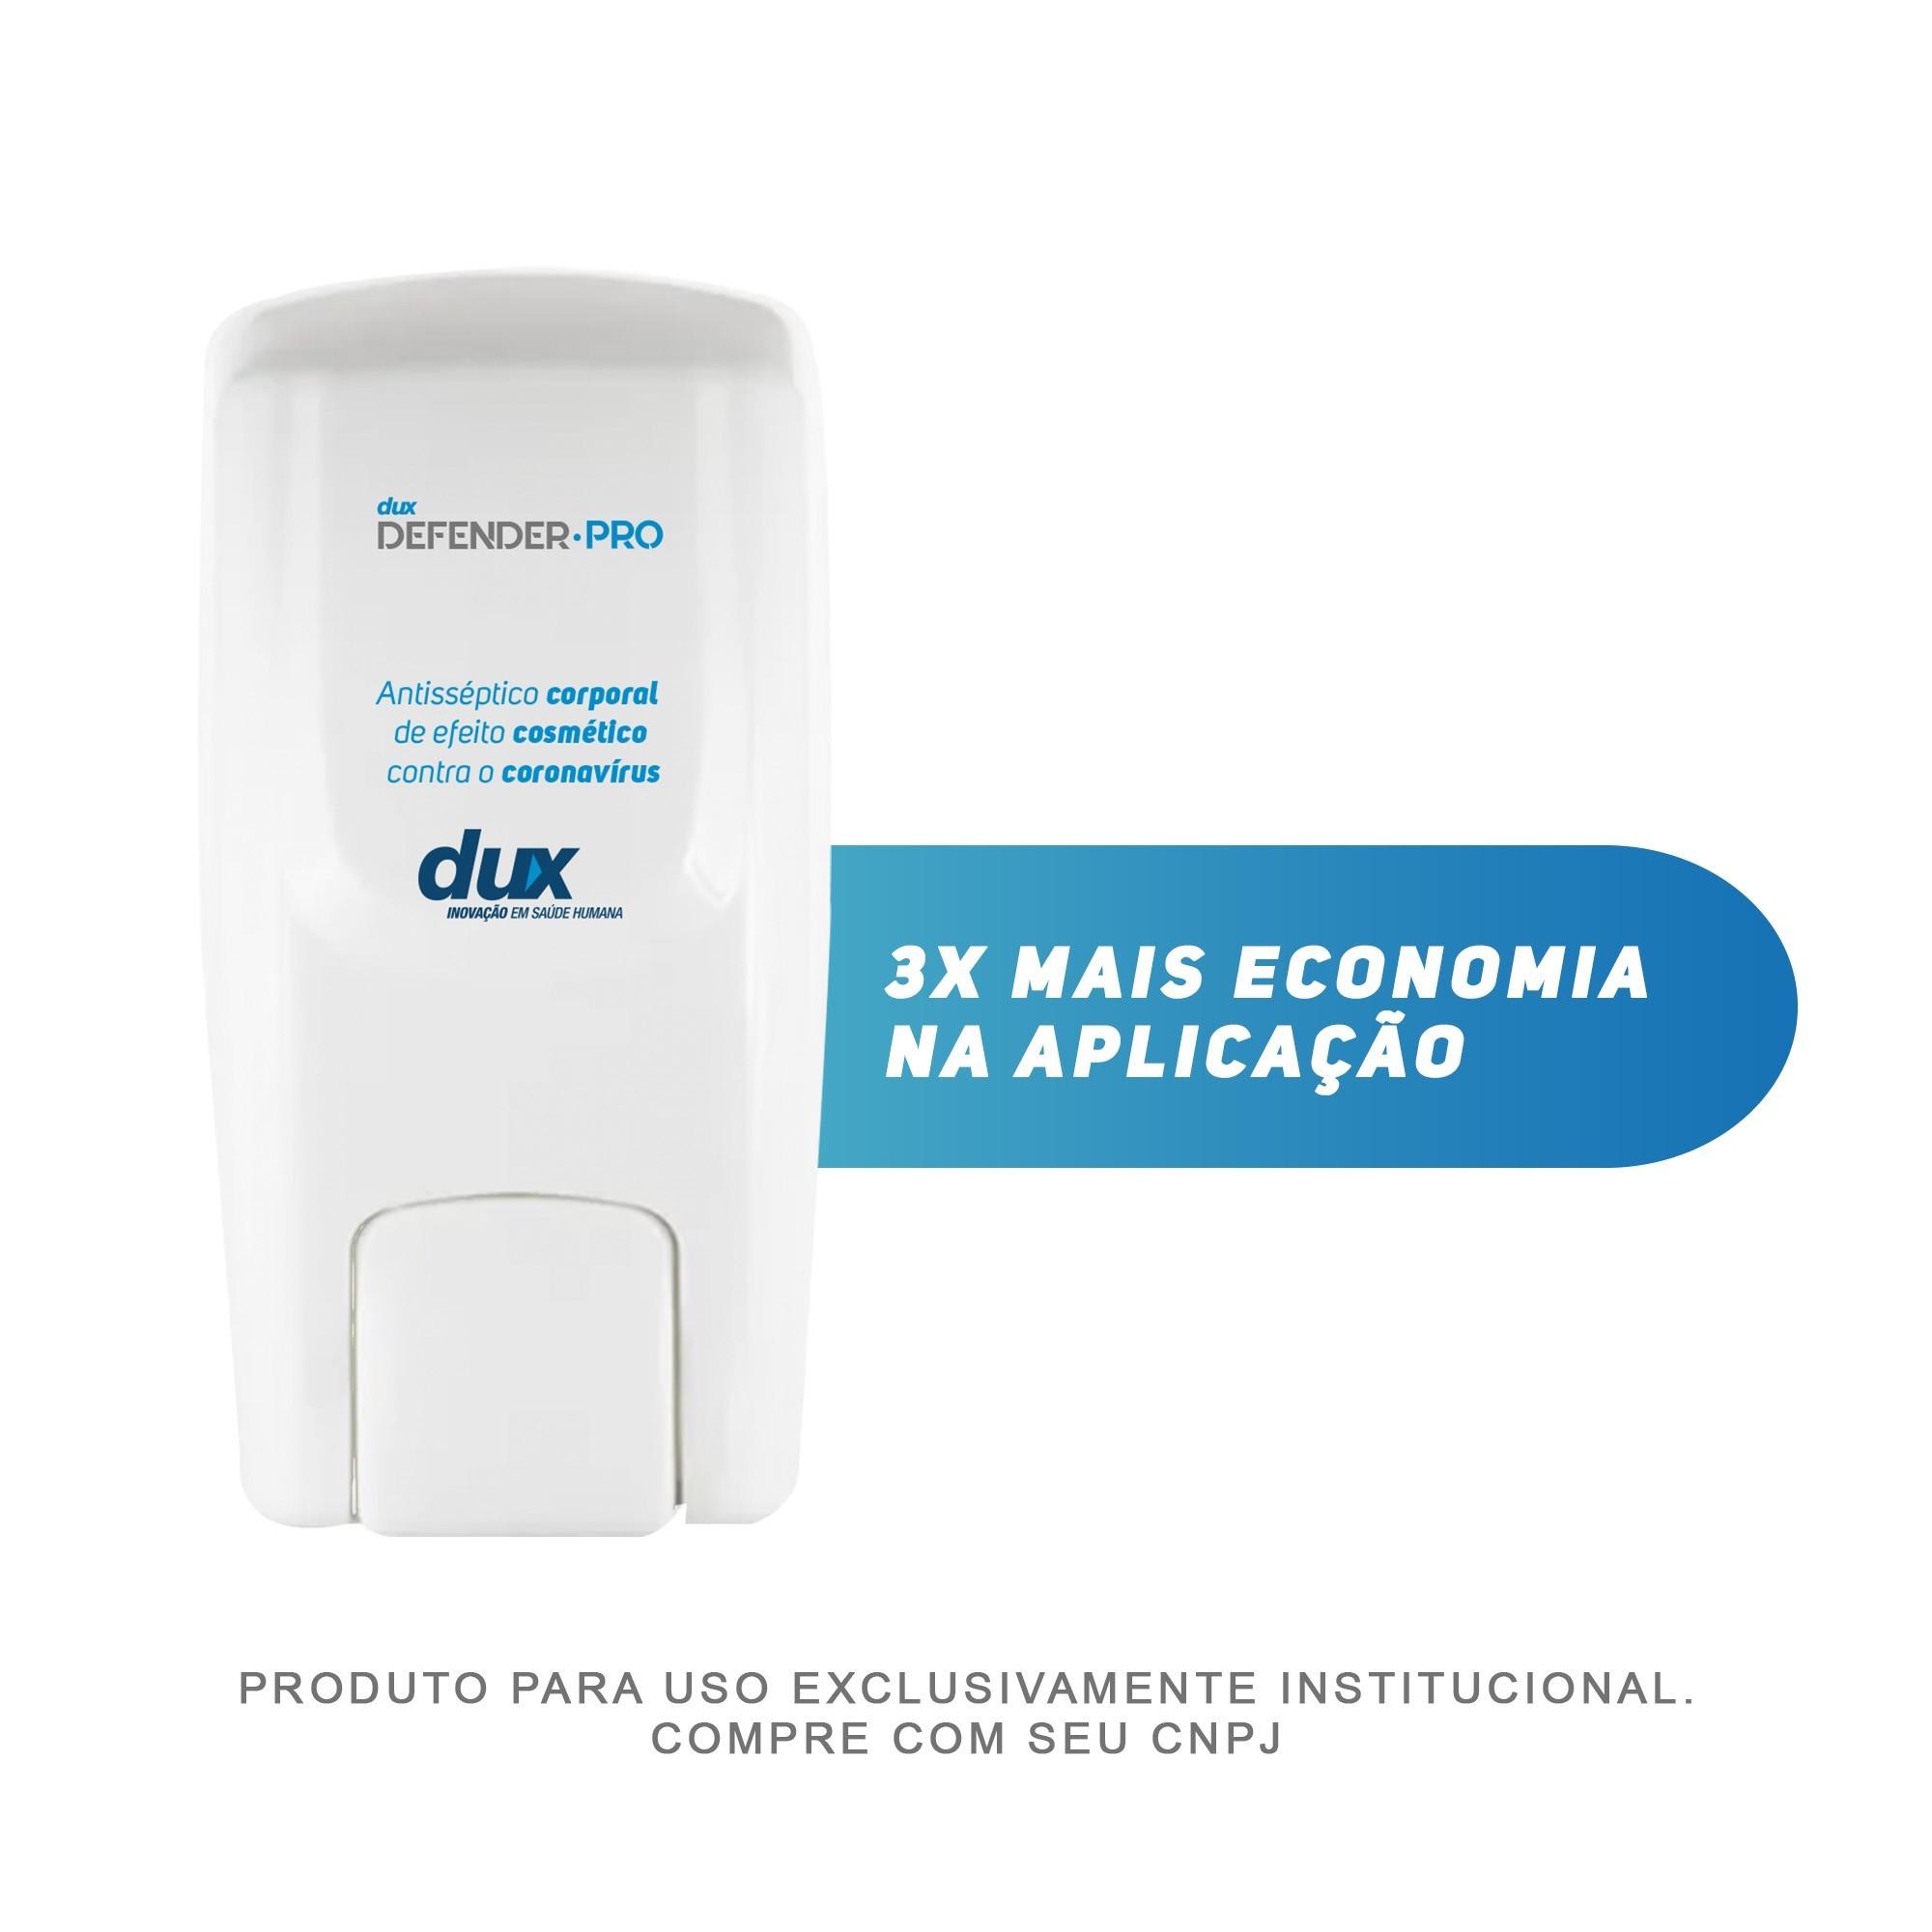 Combo 15 litros de Dux Defender Pro + 2 Dispensers Century